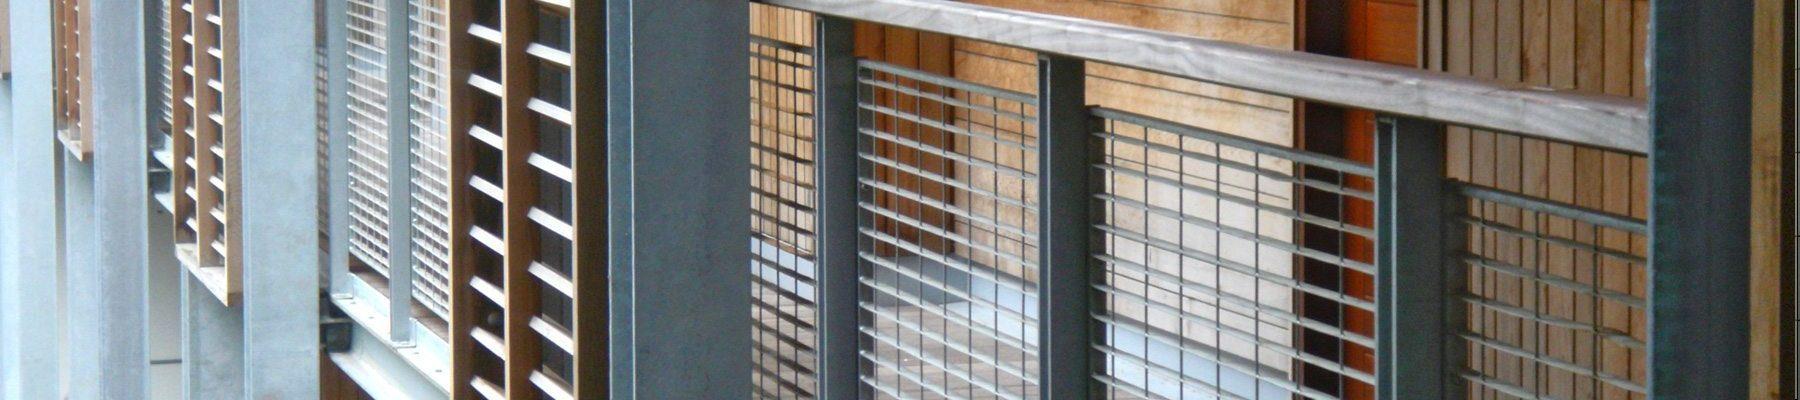 Micro-34-balcony-balustrade-Benyon-Wharf-banner-2